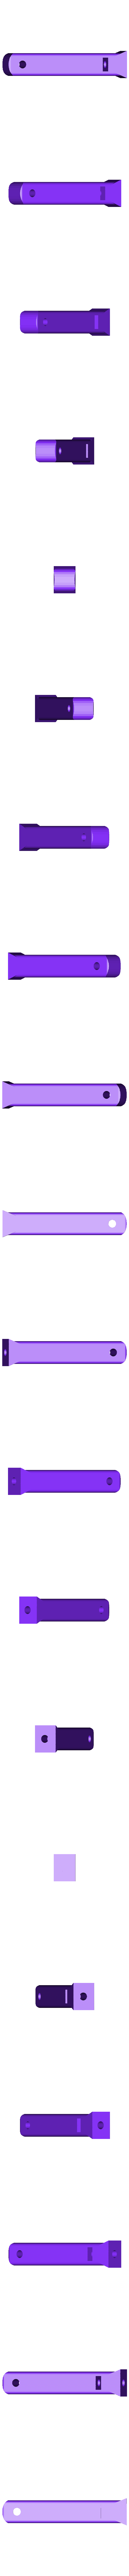 Raspberry_Pi_Camera_Mount_Pole.stl Télécharger fichier STL gratuit Prusa i3 MK3 MK3 Raspberry Pi Monture de lit pour appareil photo - Mise à jour • Plan pour impression 3D, petclaud